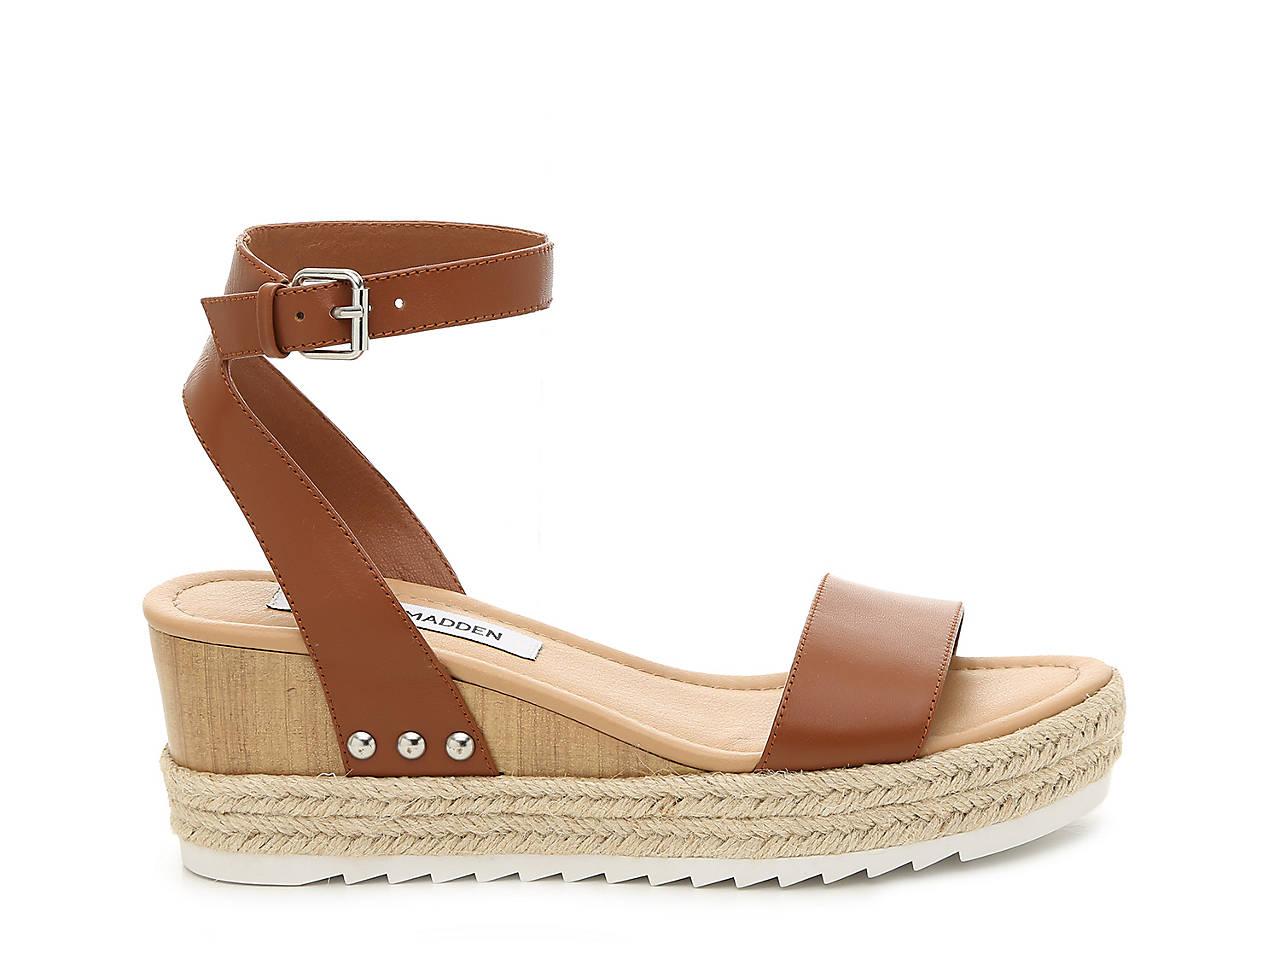 631f87280b5e Steve Madden Jewel Espadrille Wedge Sandal Women s Shoes